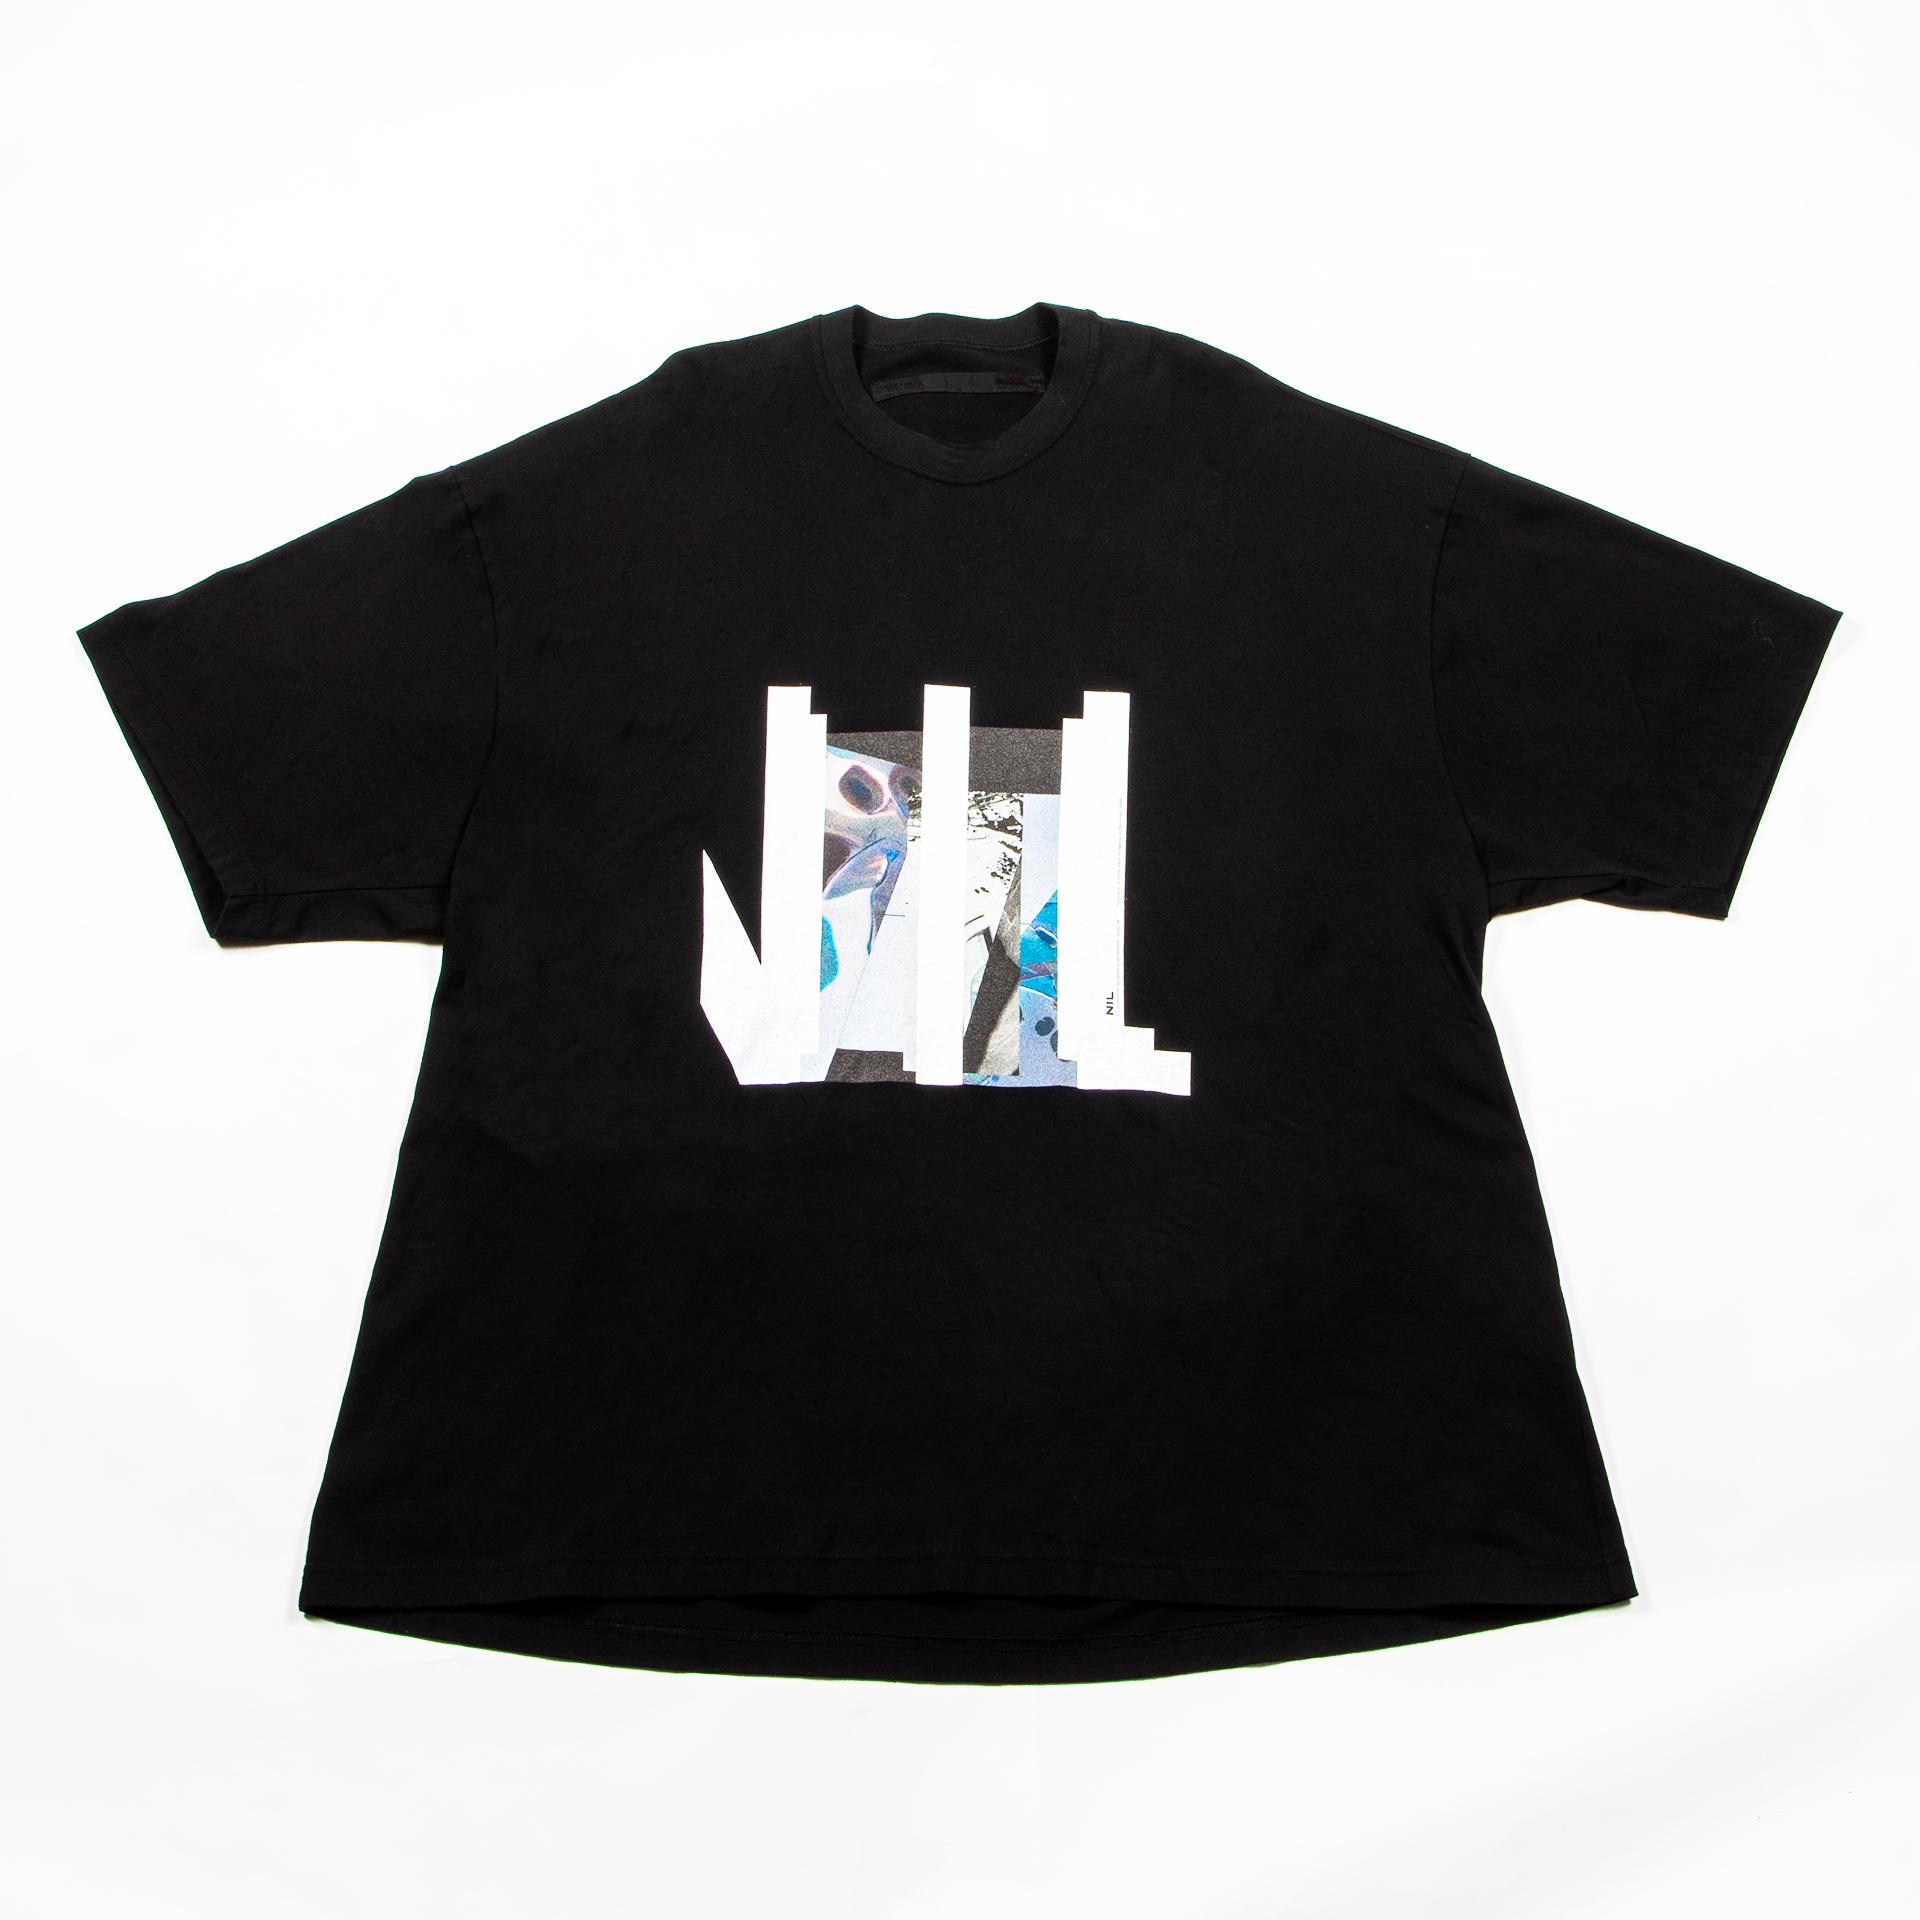 [ 2021 春夏 予約商品 ] 740CPM6-BLACK / NILøS プリント Tシャツ ver.4 / 1月入荷予定